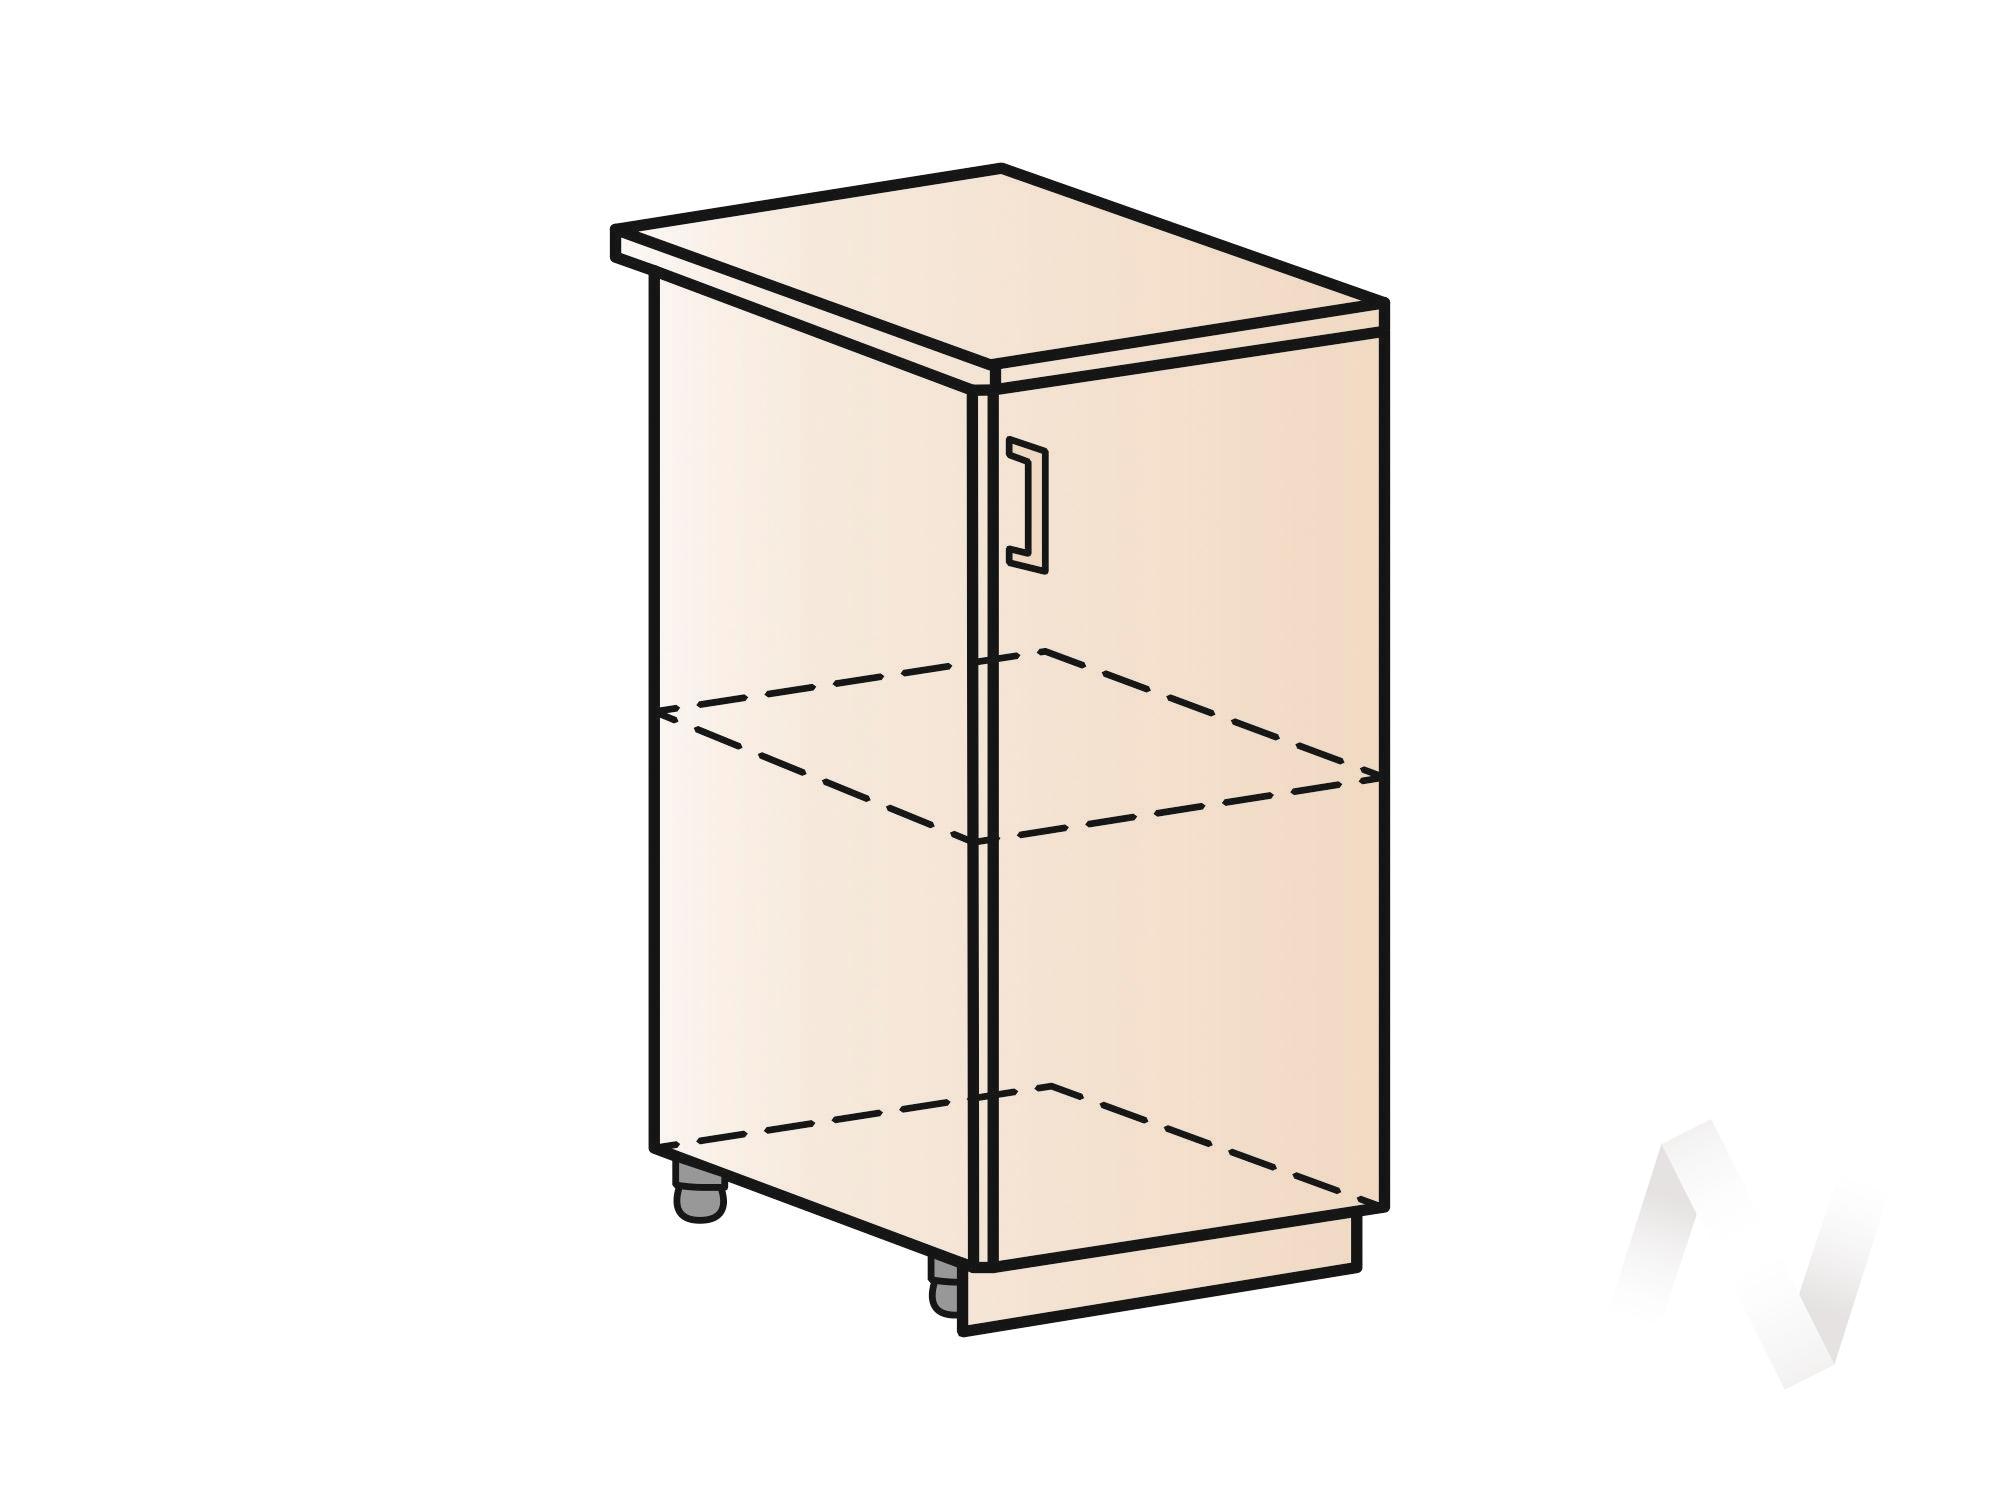 """Кухня """"Вена"""": Шкаф нижний 400, ШН 400 (корпус белый)  в Томске — интернет магазин МИРА-мебель"""